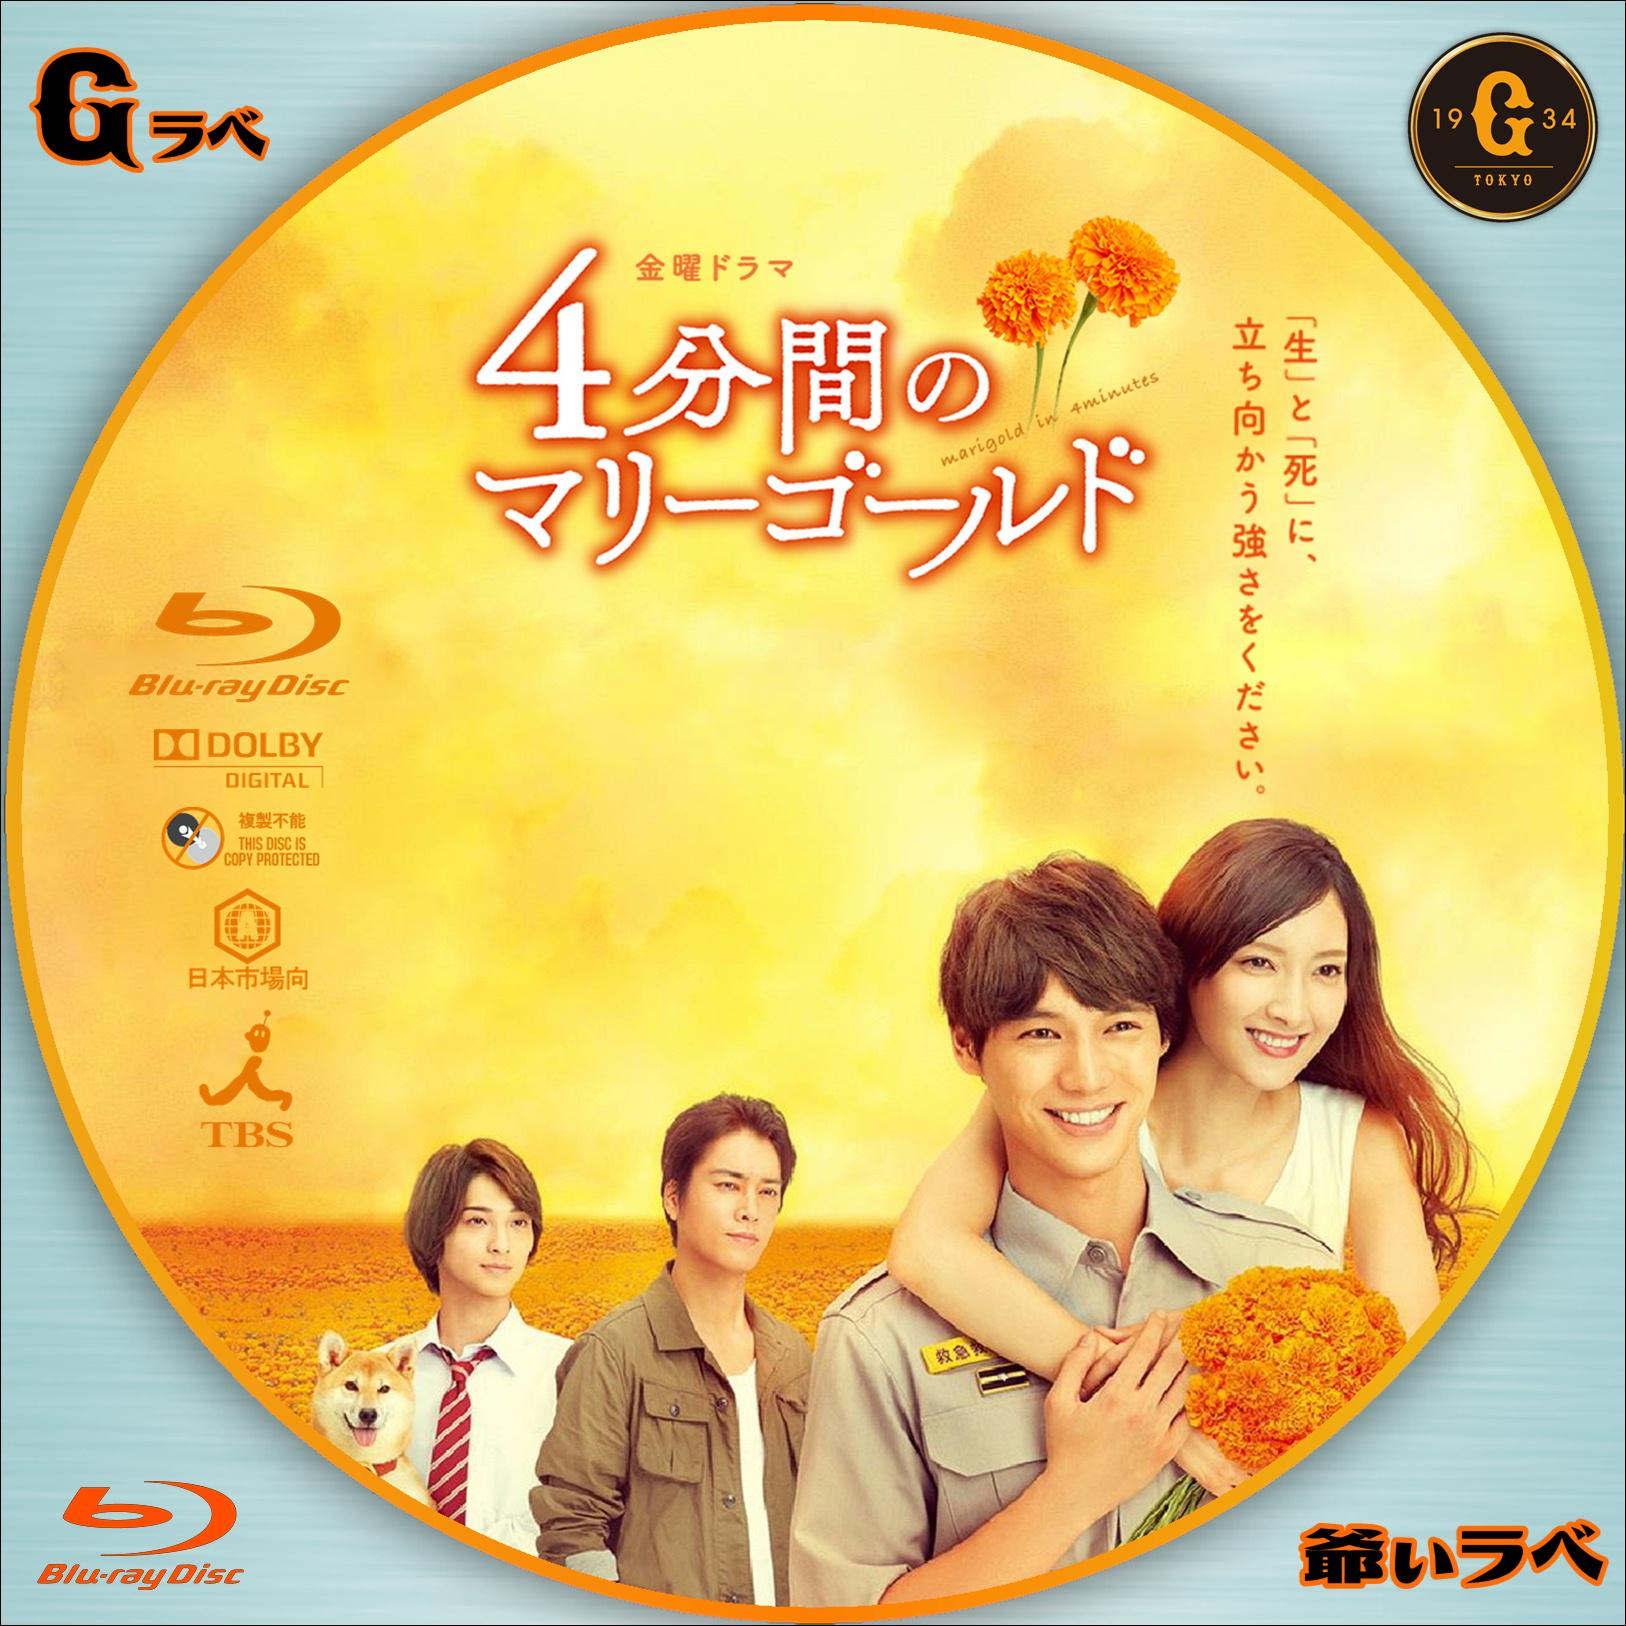 4分間のマリーゴールド Type-A(Blu-ray)